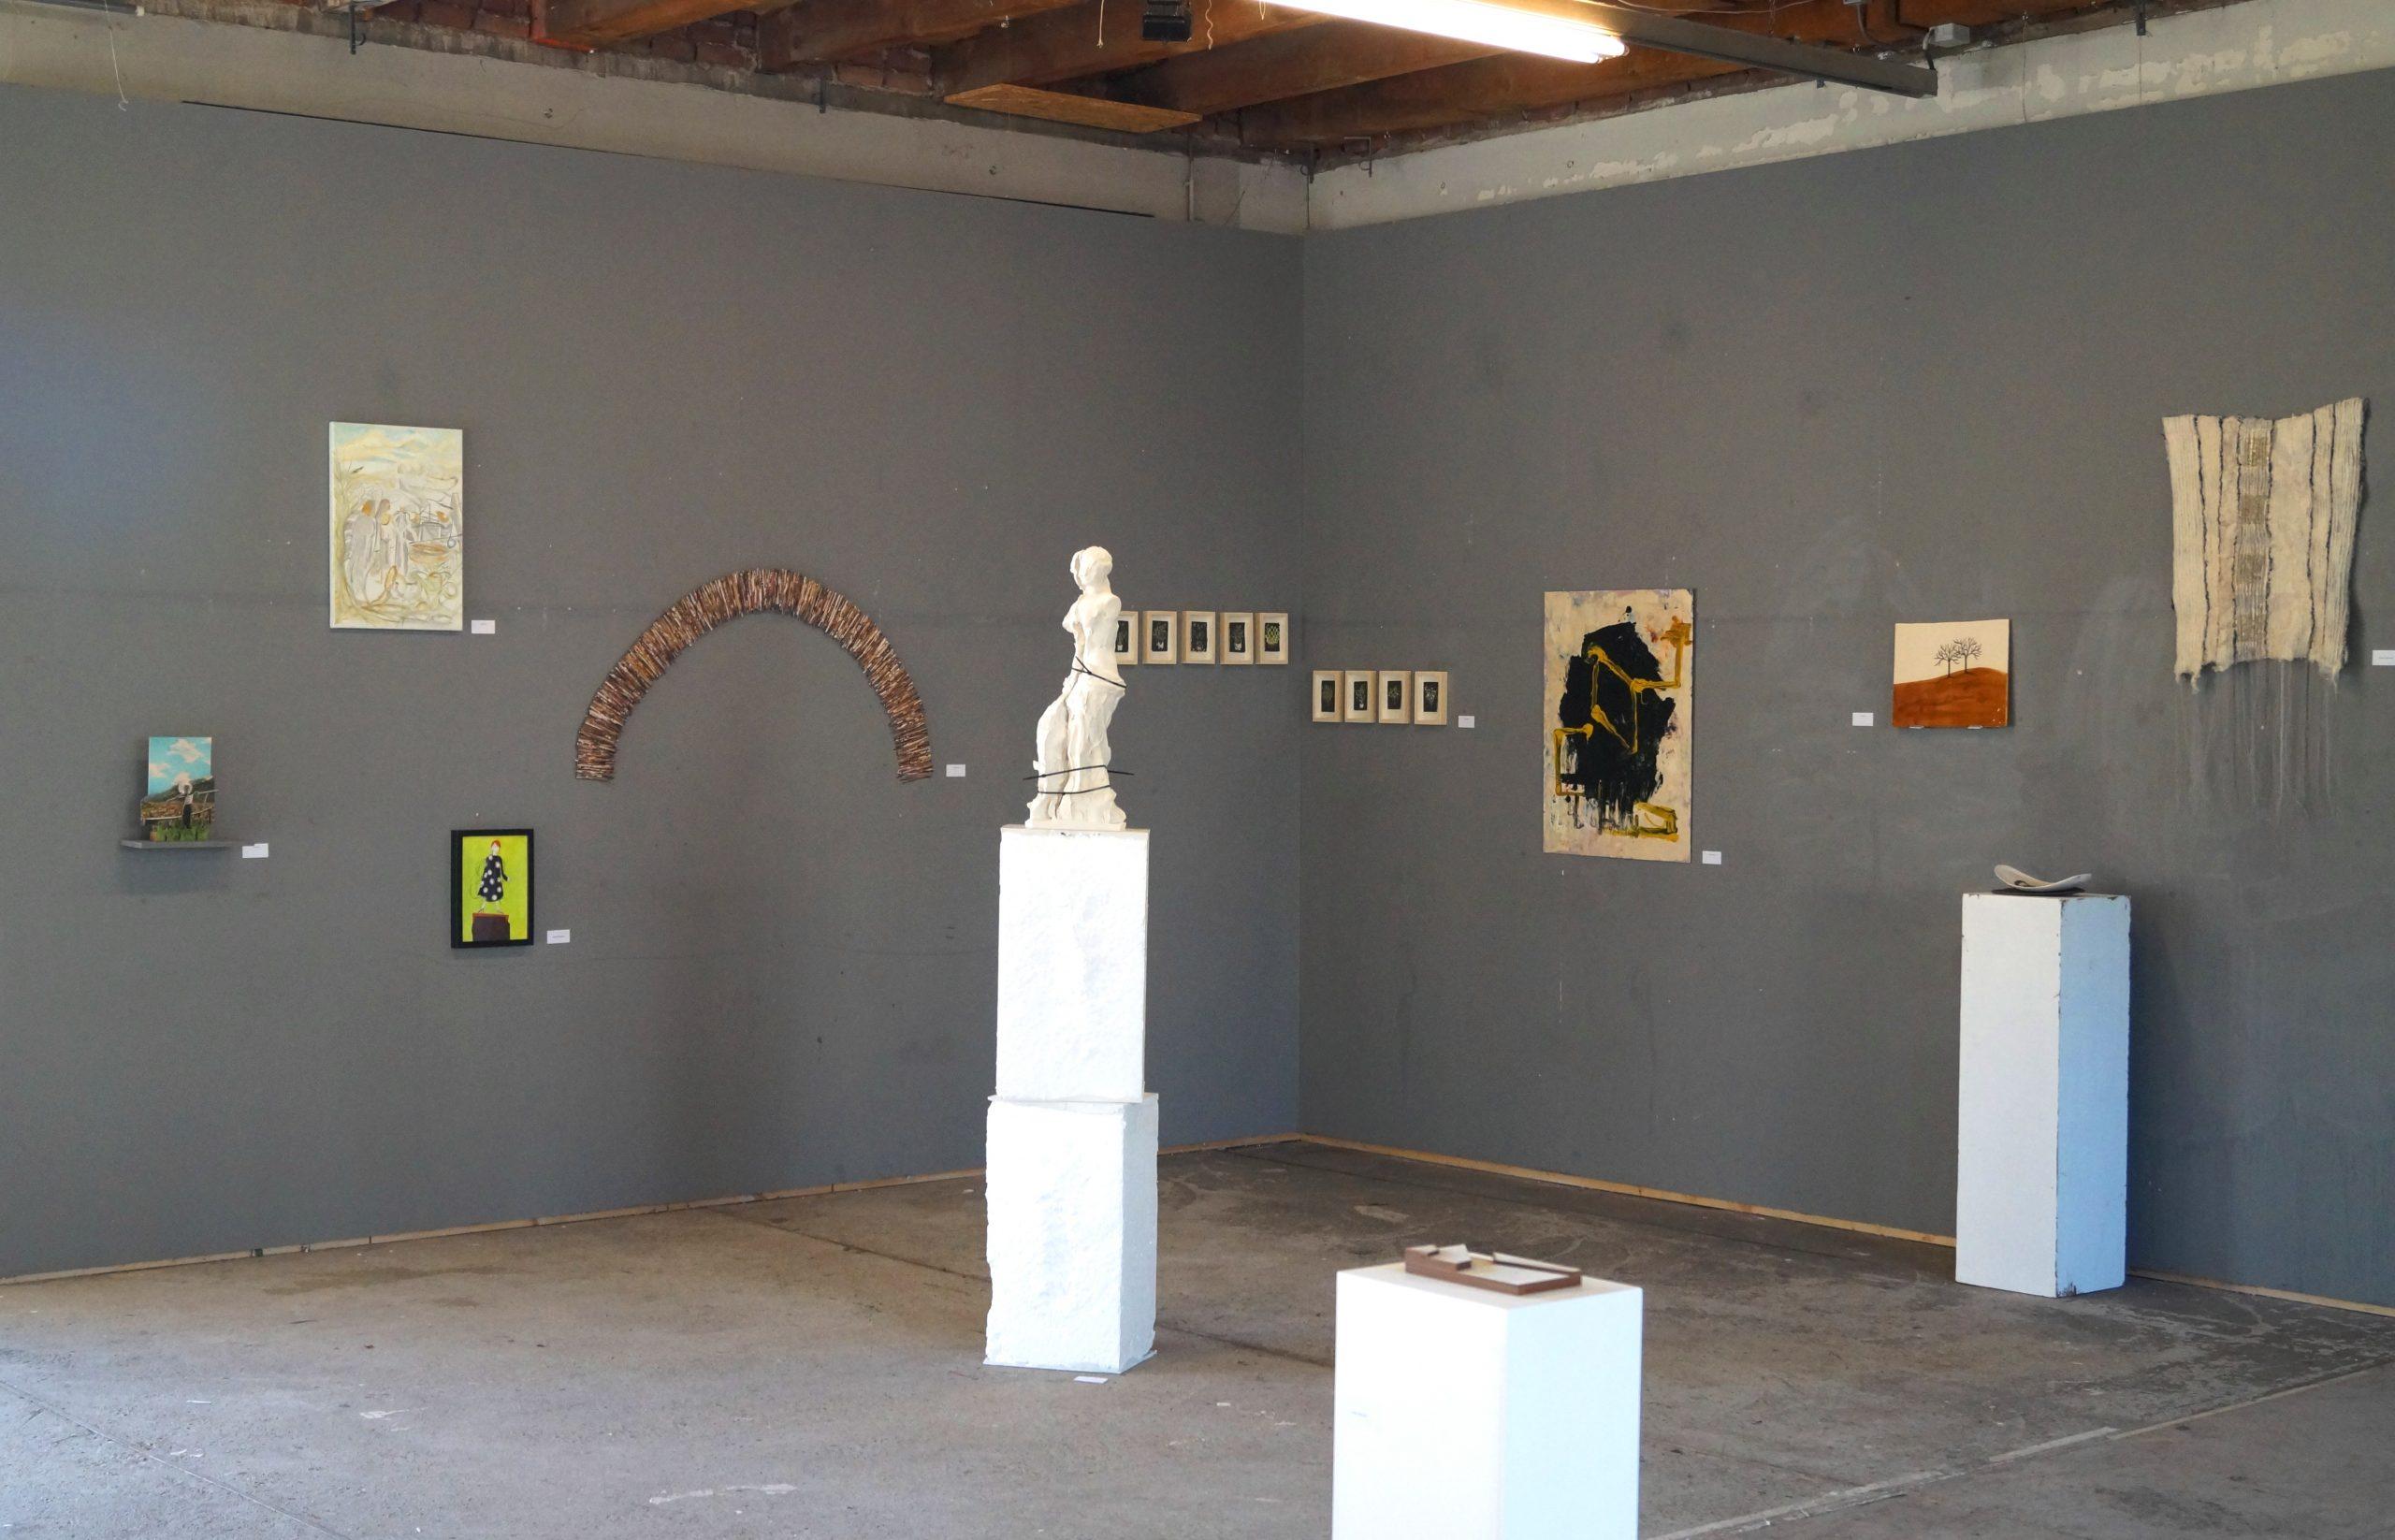 tentoonstelling met beelden en doeken aan muur